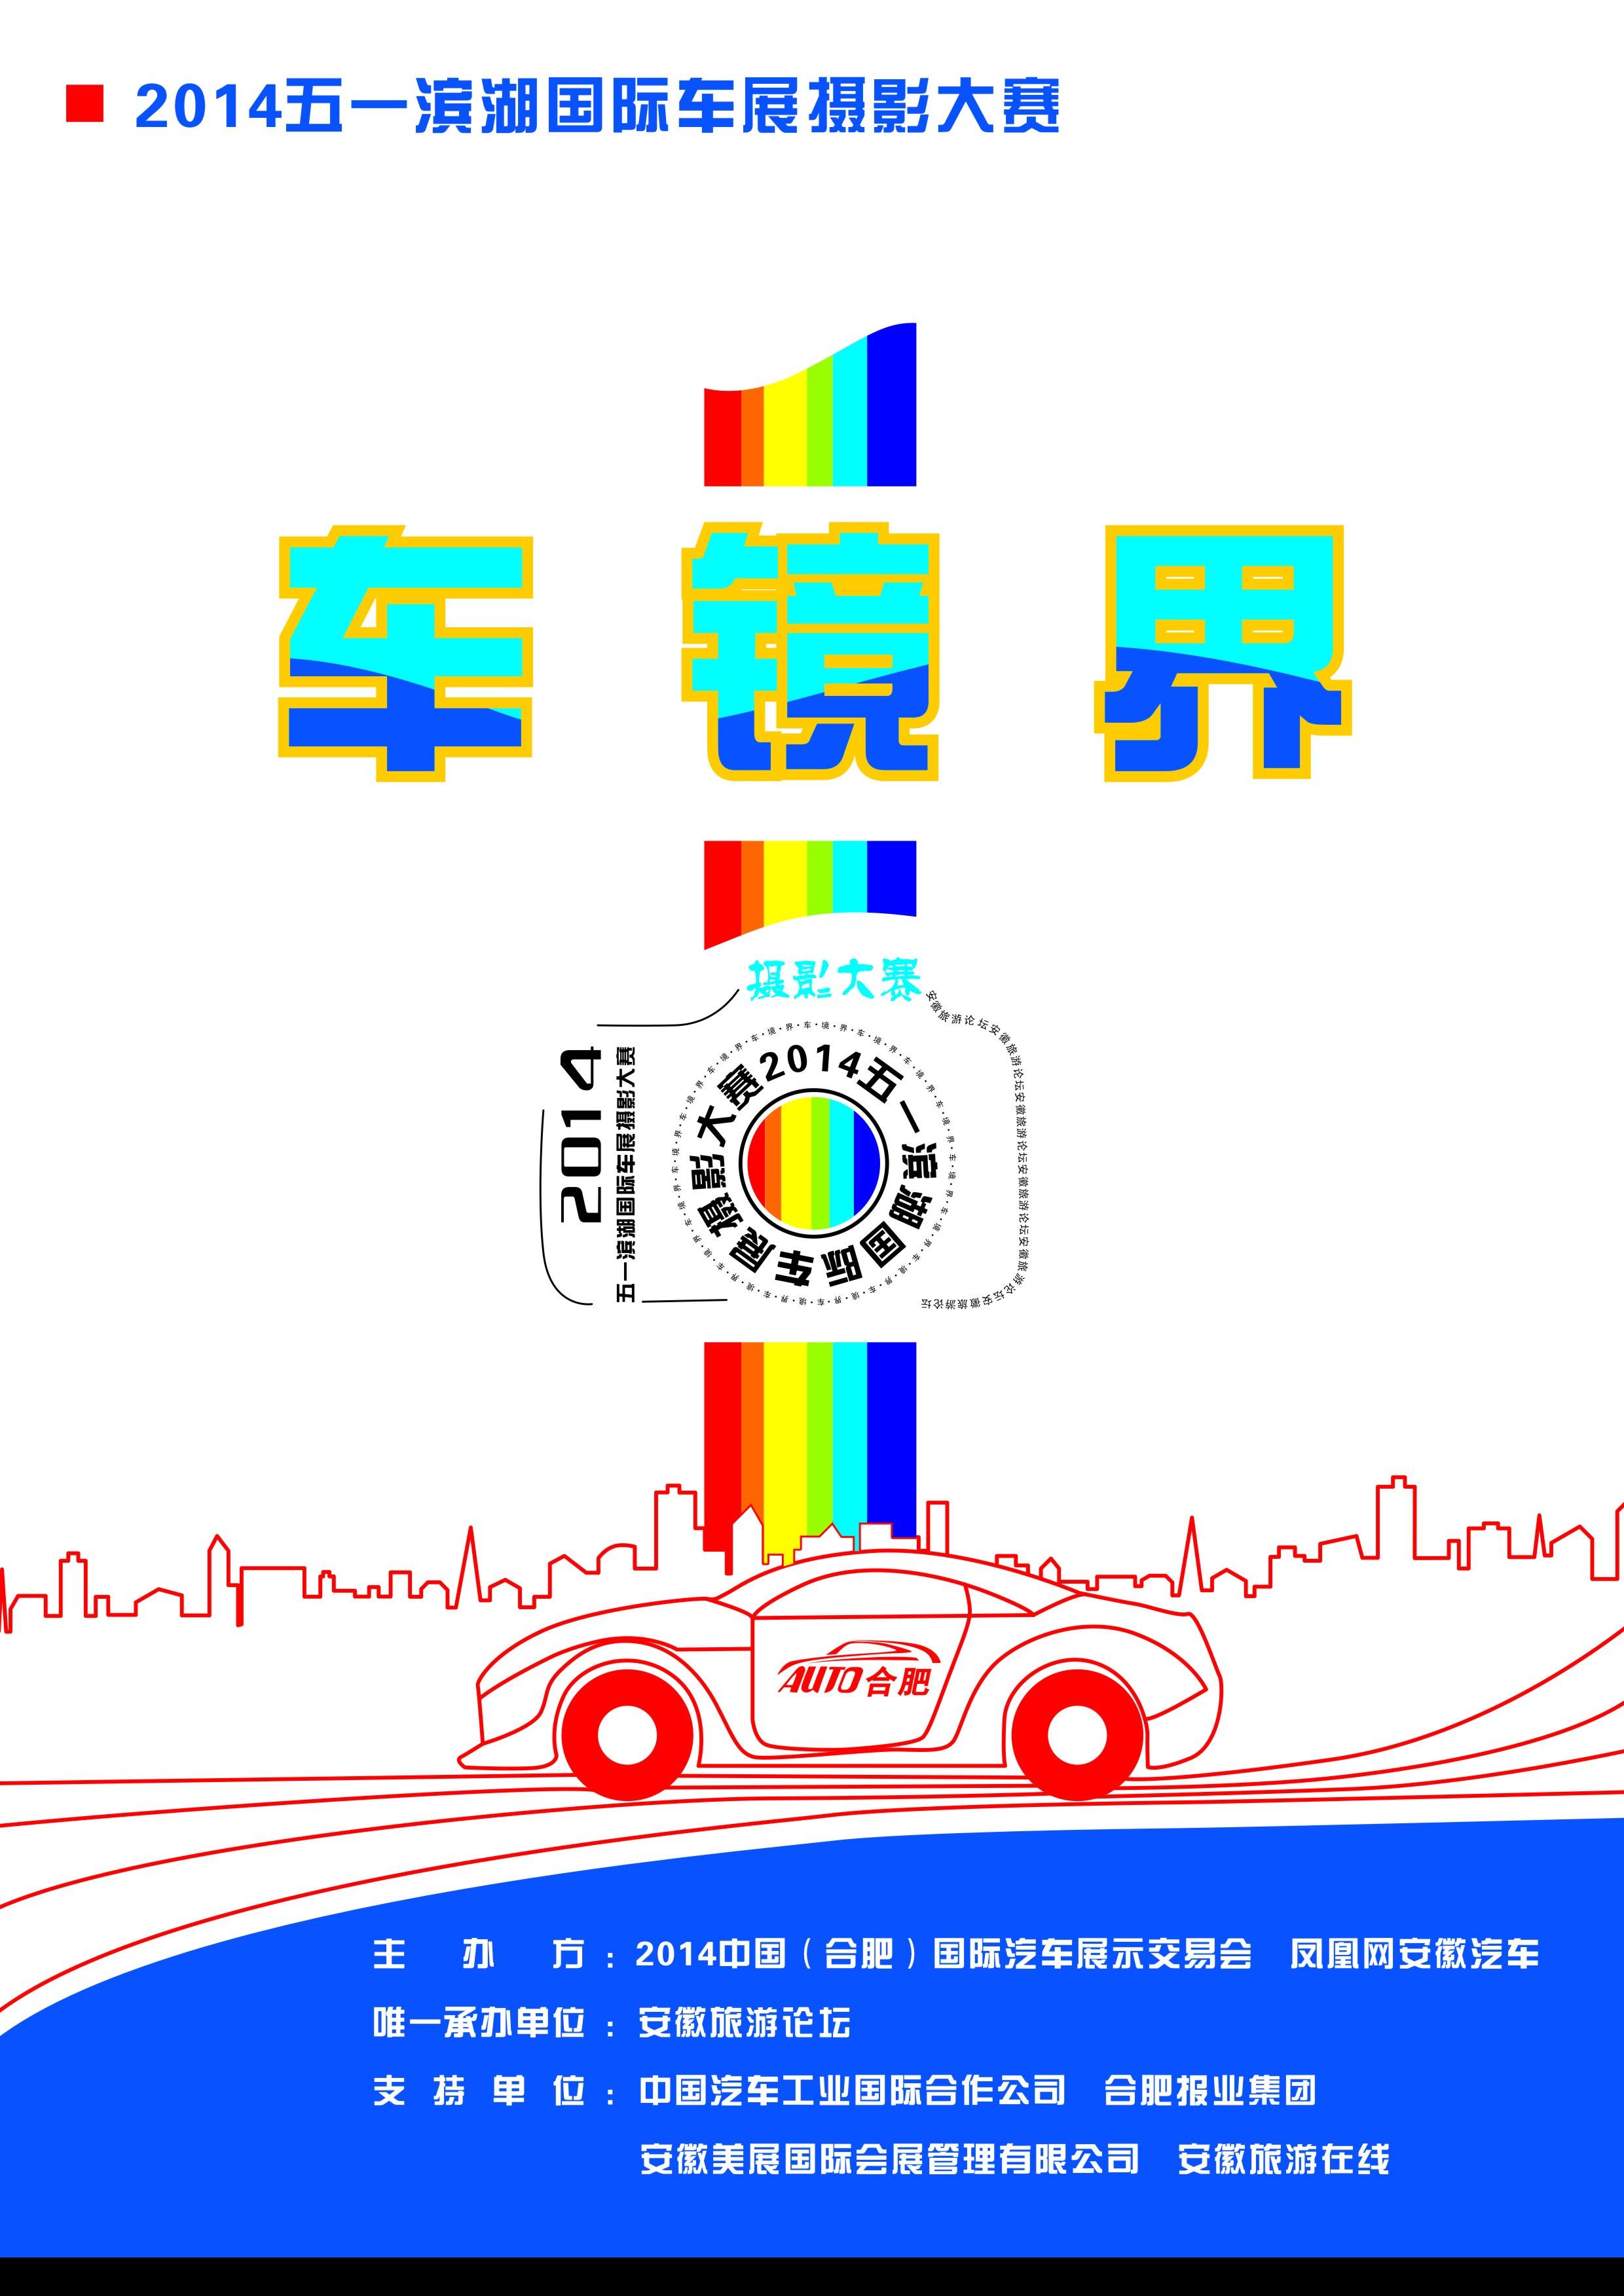 滨湖汽车展摄影大赛